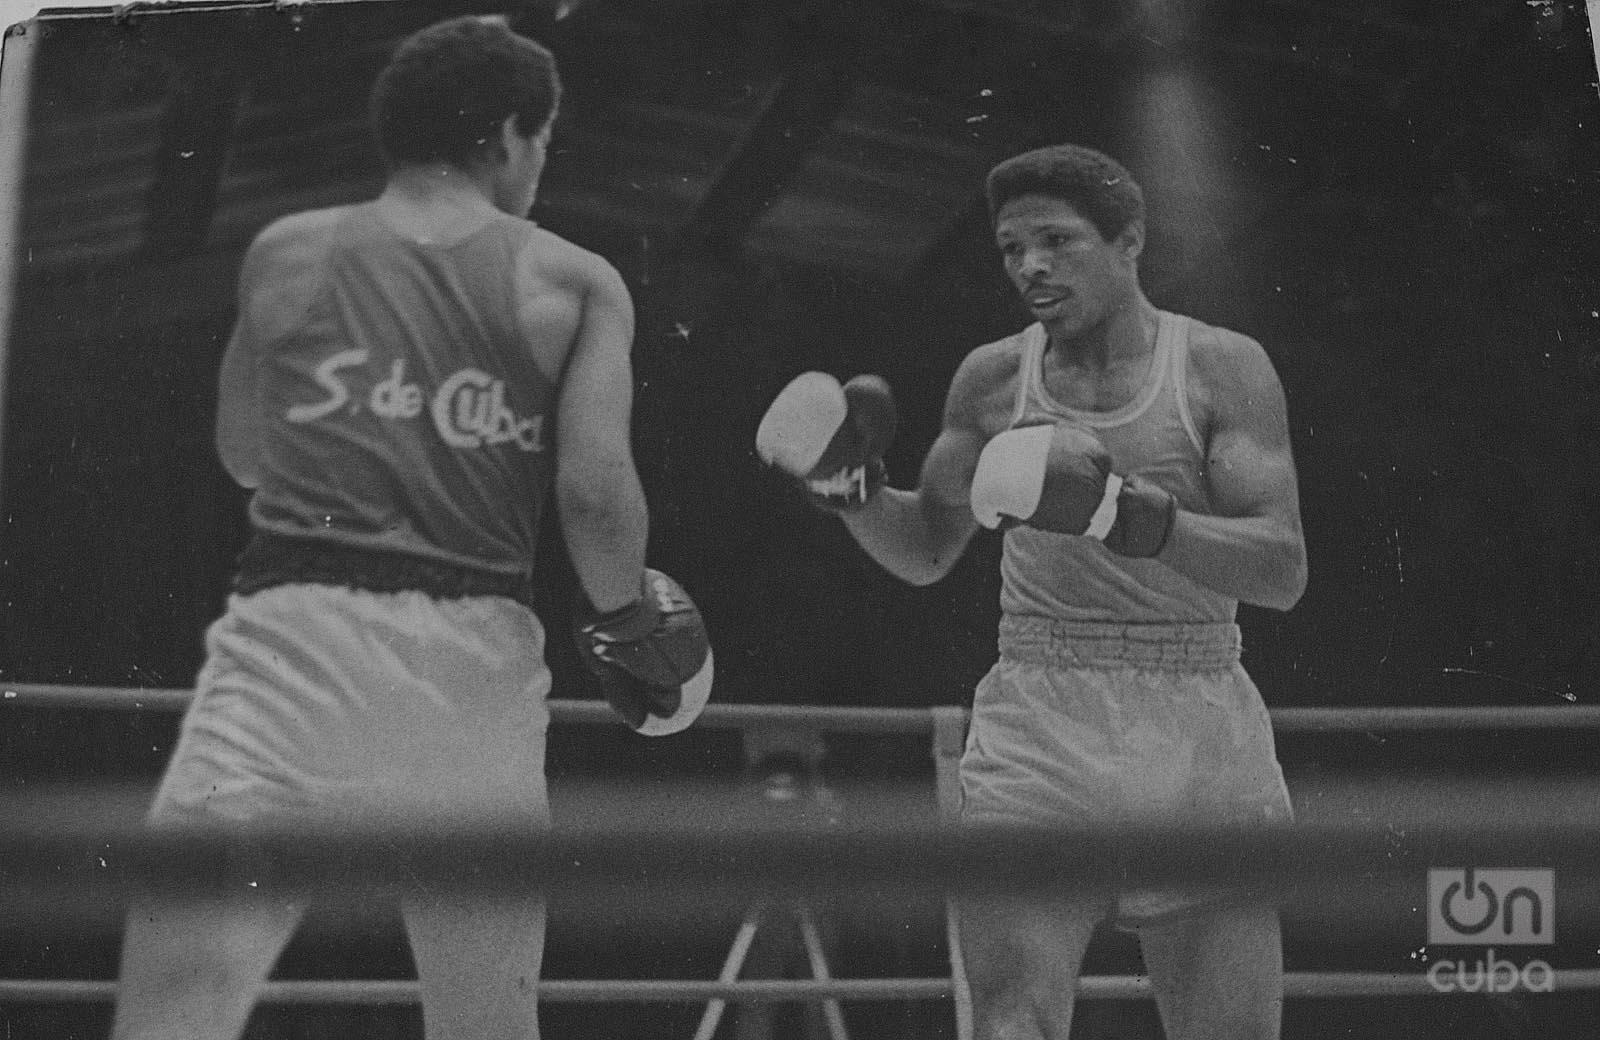 Ángel Herrera asegura que la preparación física y la agresividad sustentaron sus éxitos. Foto: Archivo de Oncuba